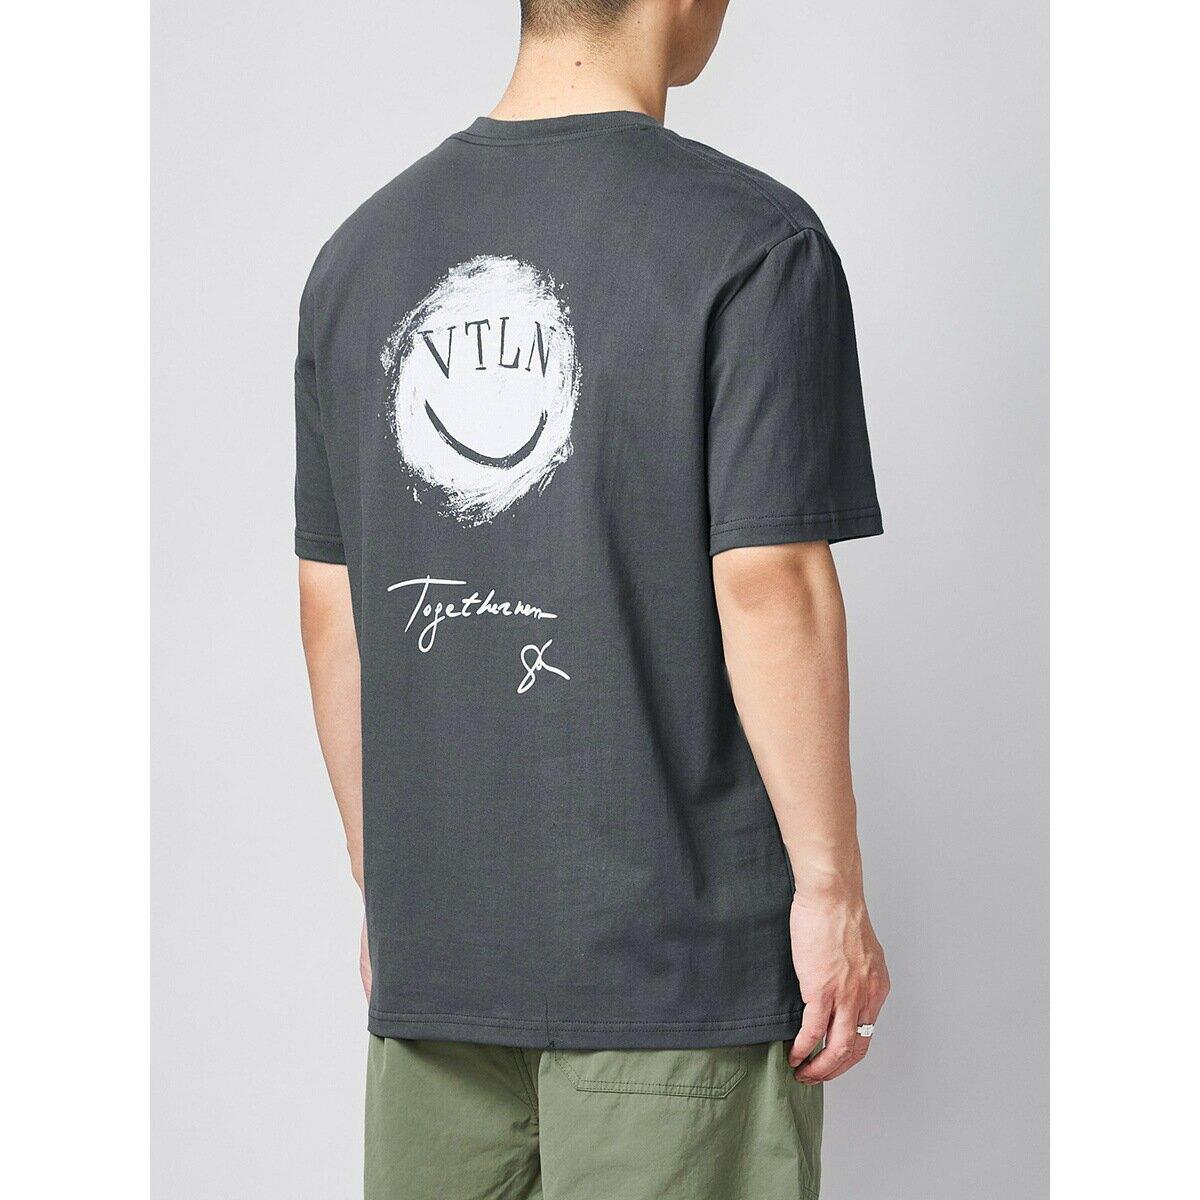 男裝手繪風印花短袖t恤男 2021夏款寬鬆微闊男士體恤